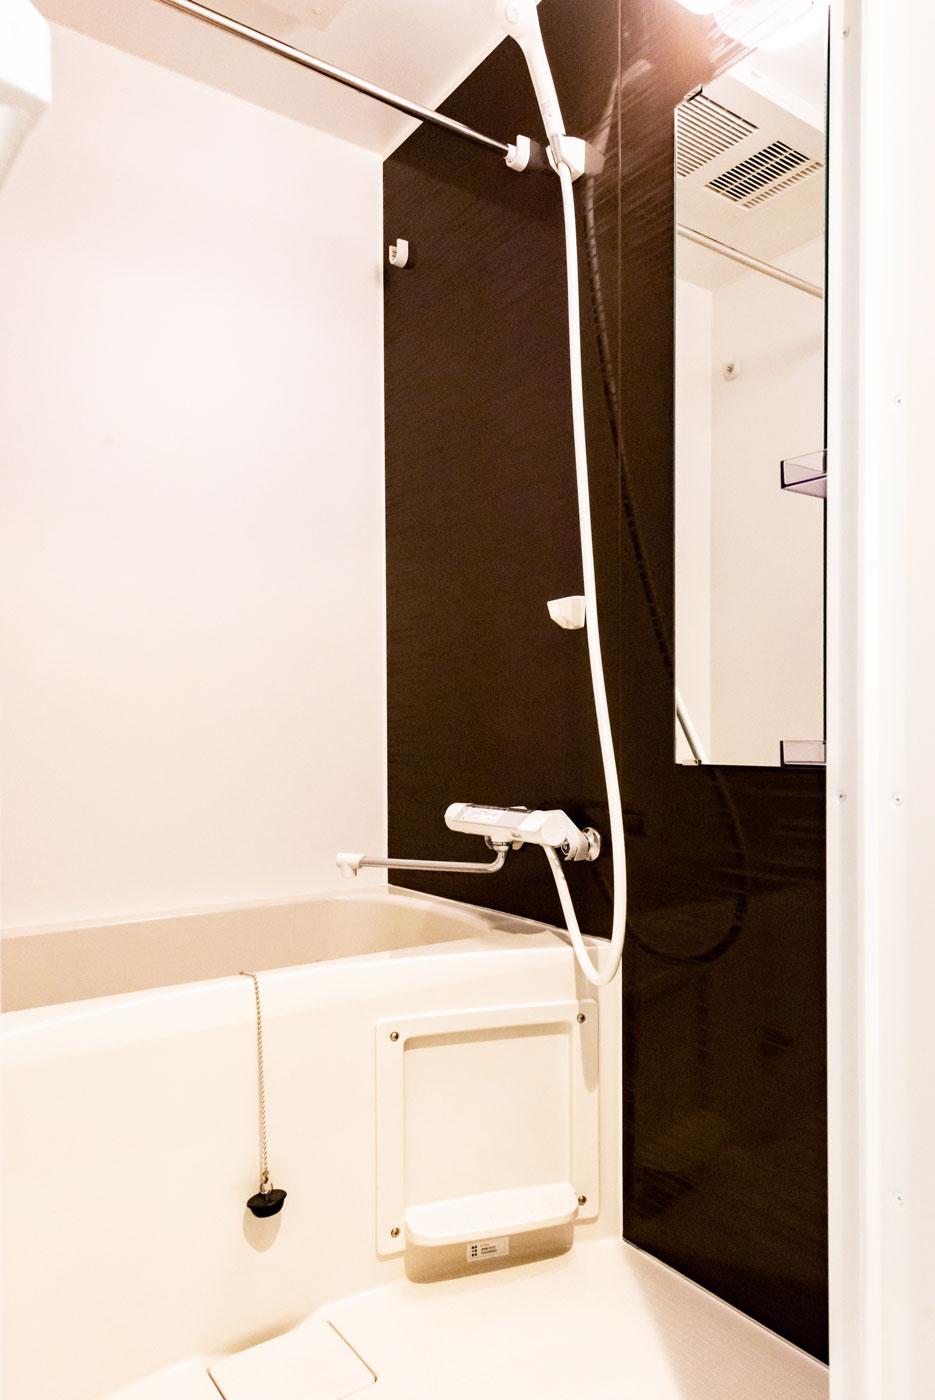 301-7 浴室(1階3階Aタイプ共通)